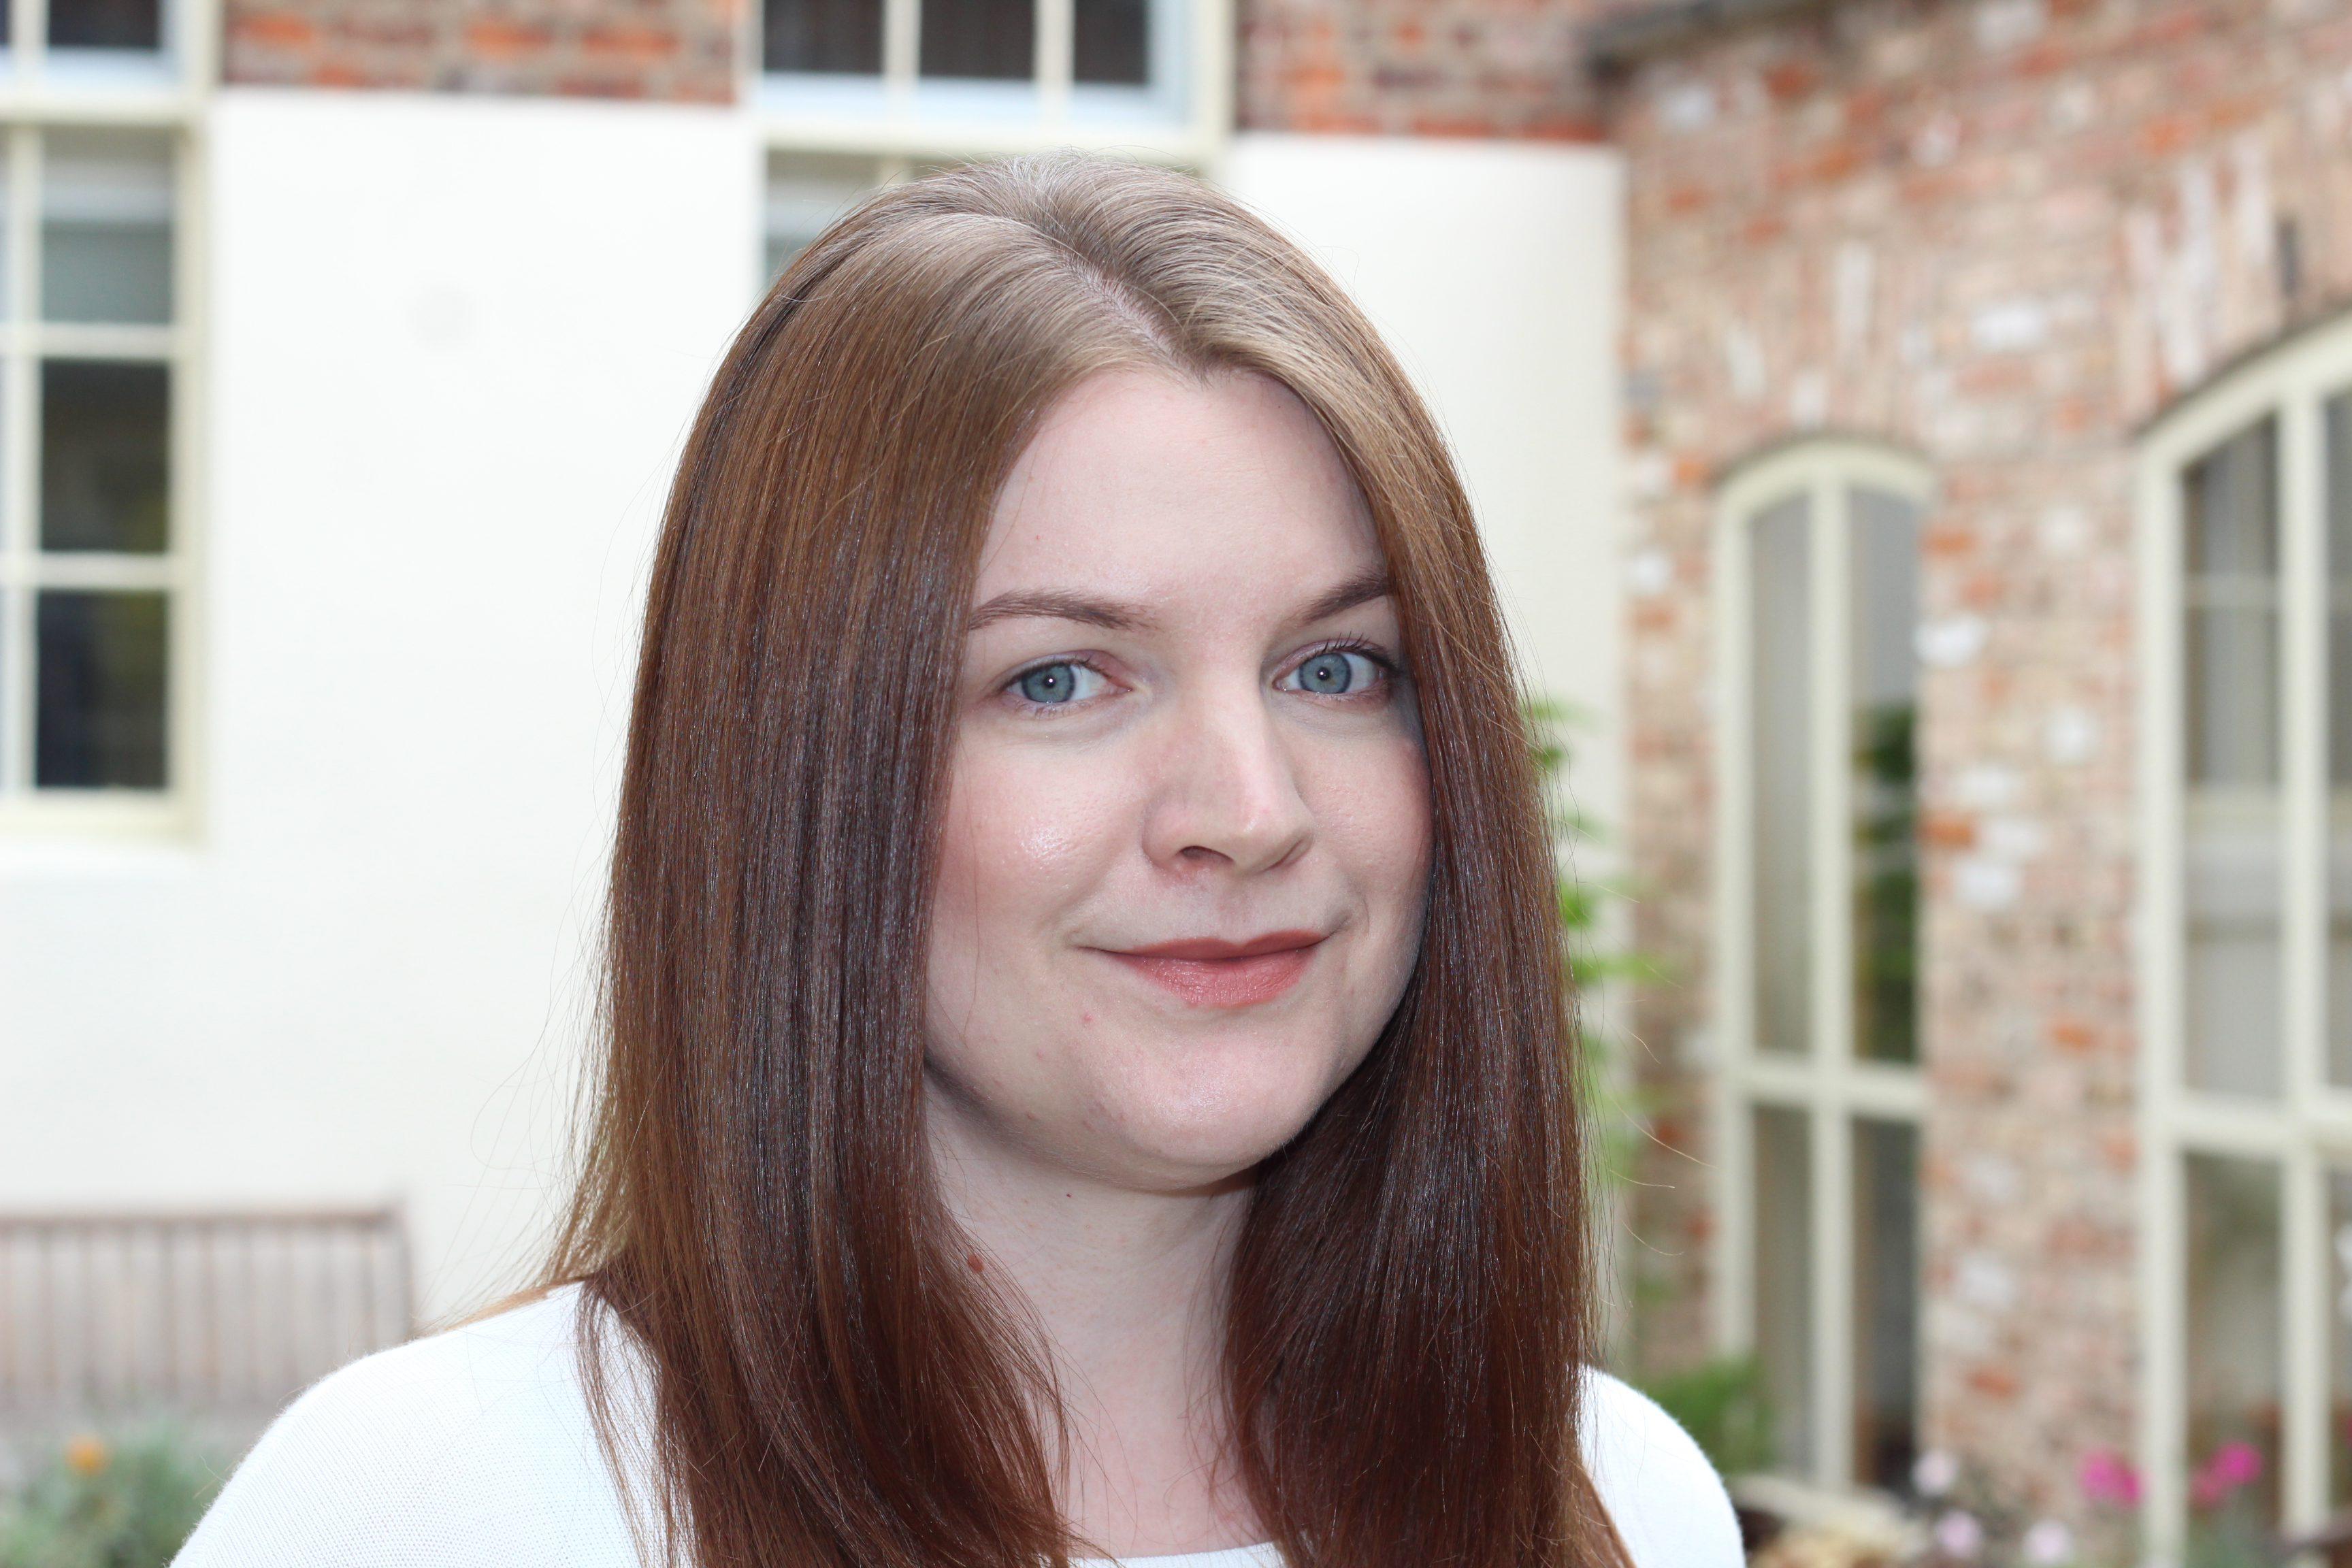 Samantha Fawcett